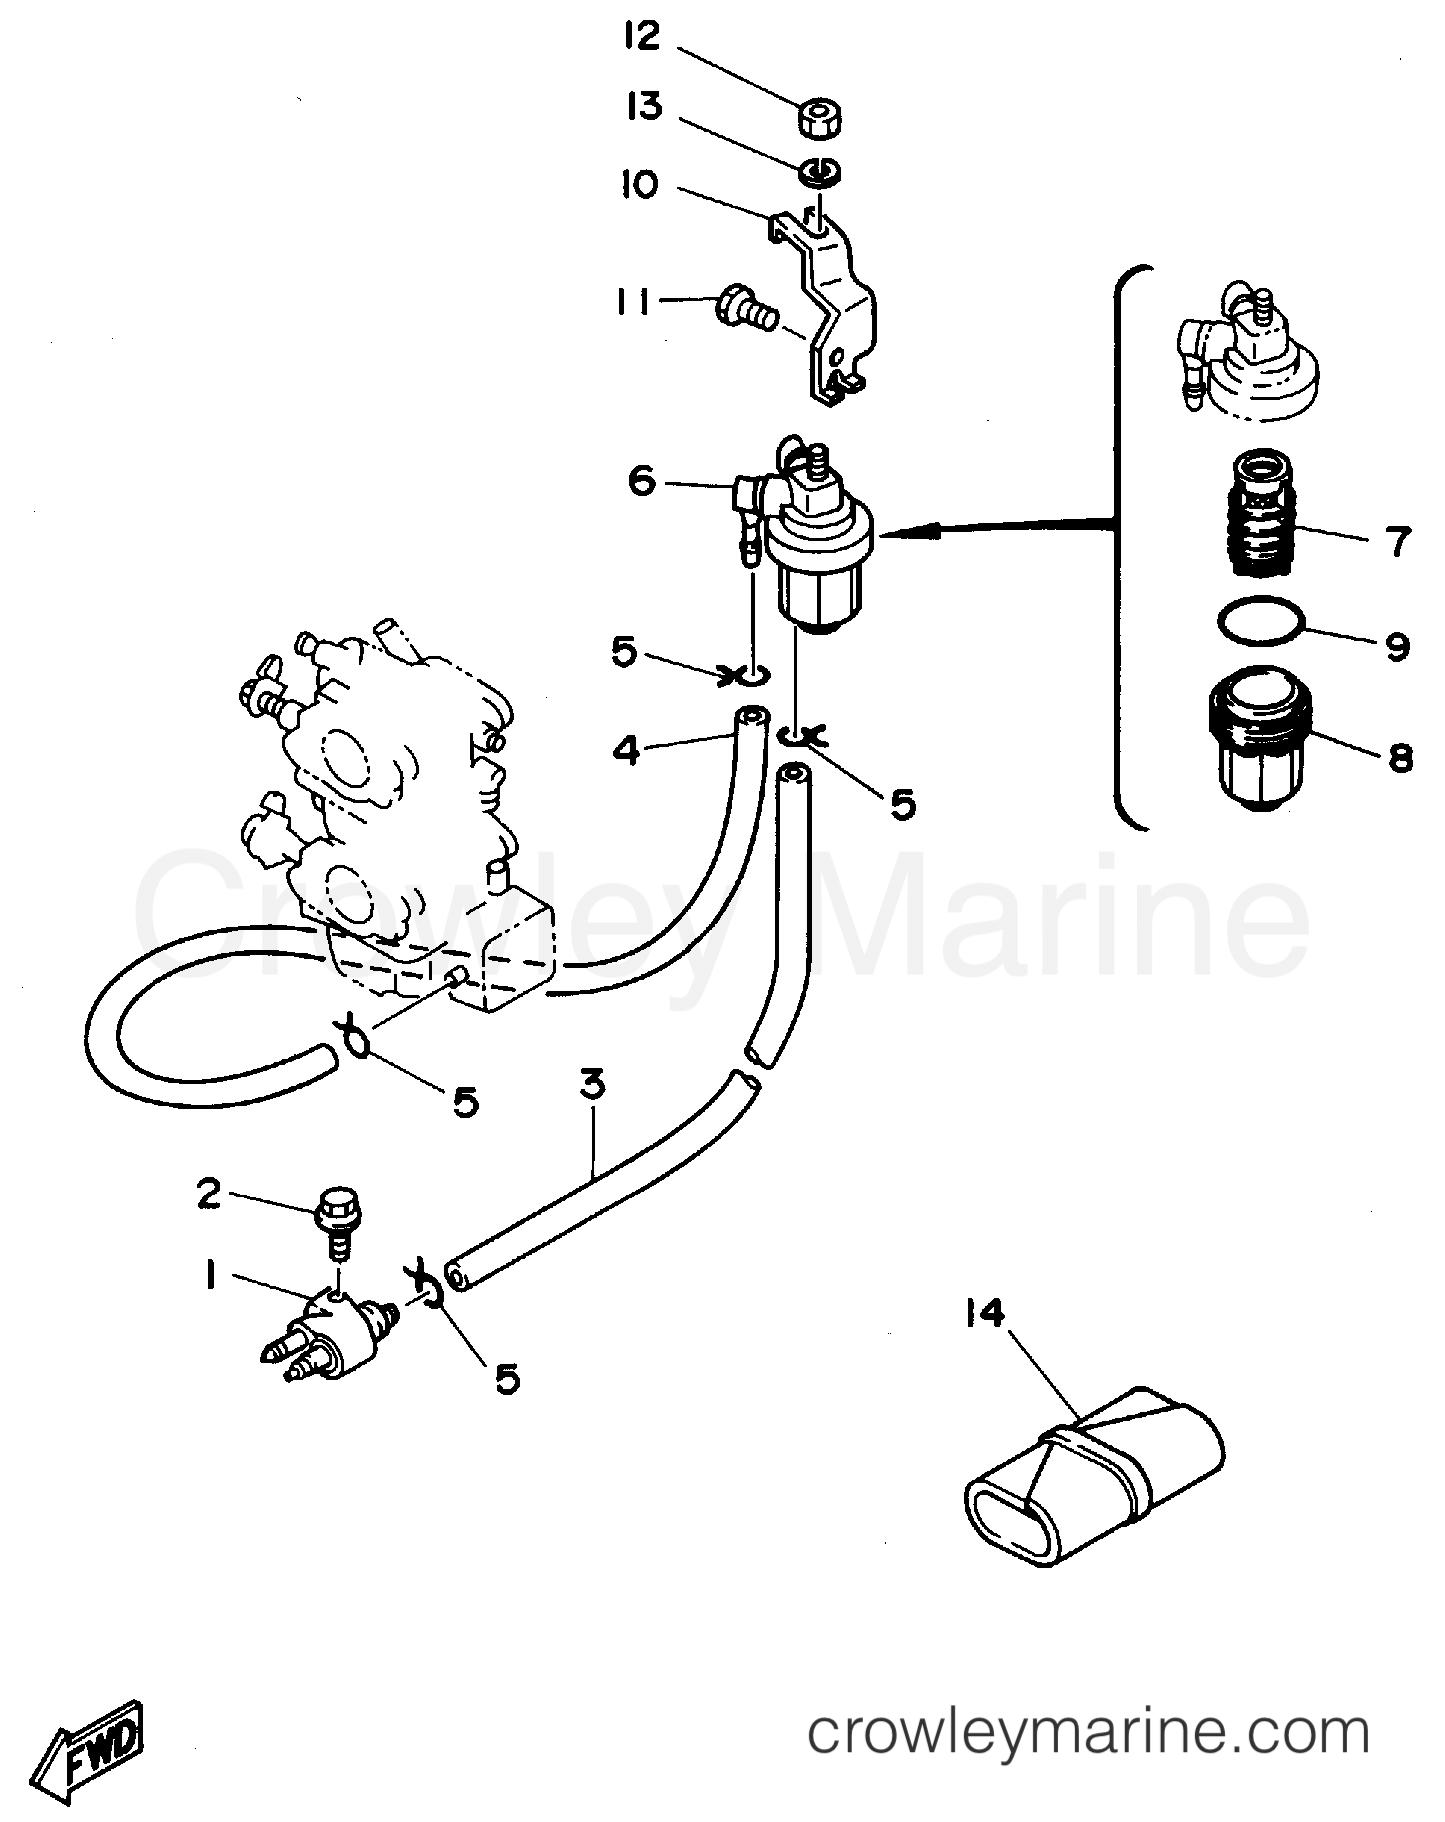 Yamaha 25 Hp Fuel Filter